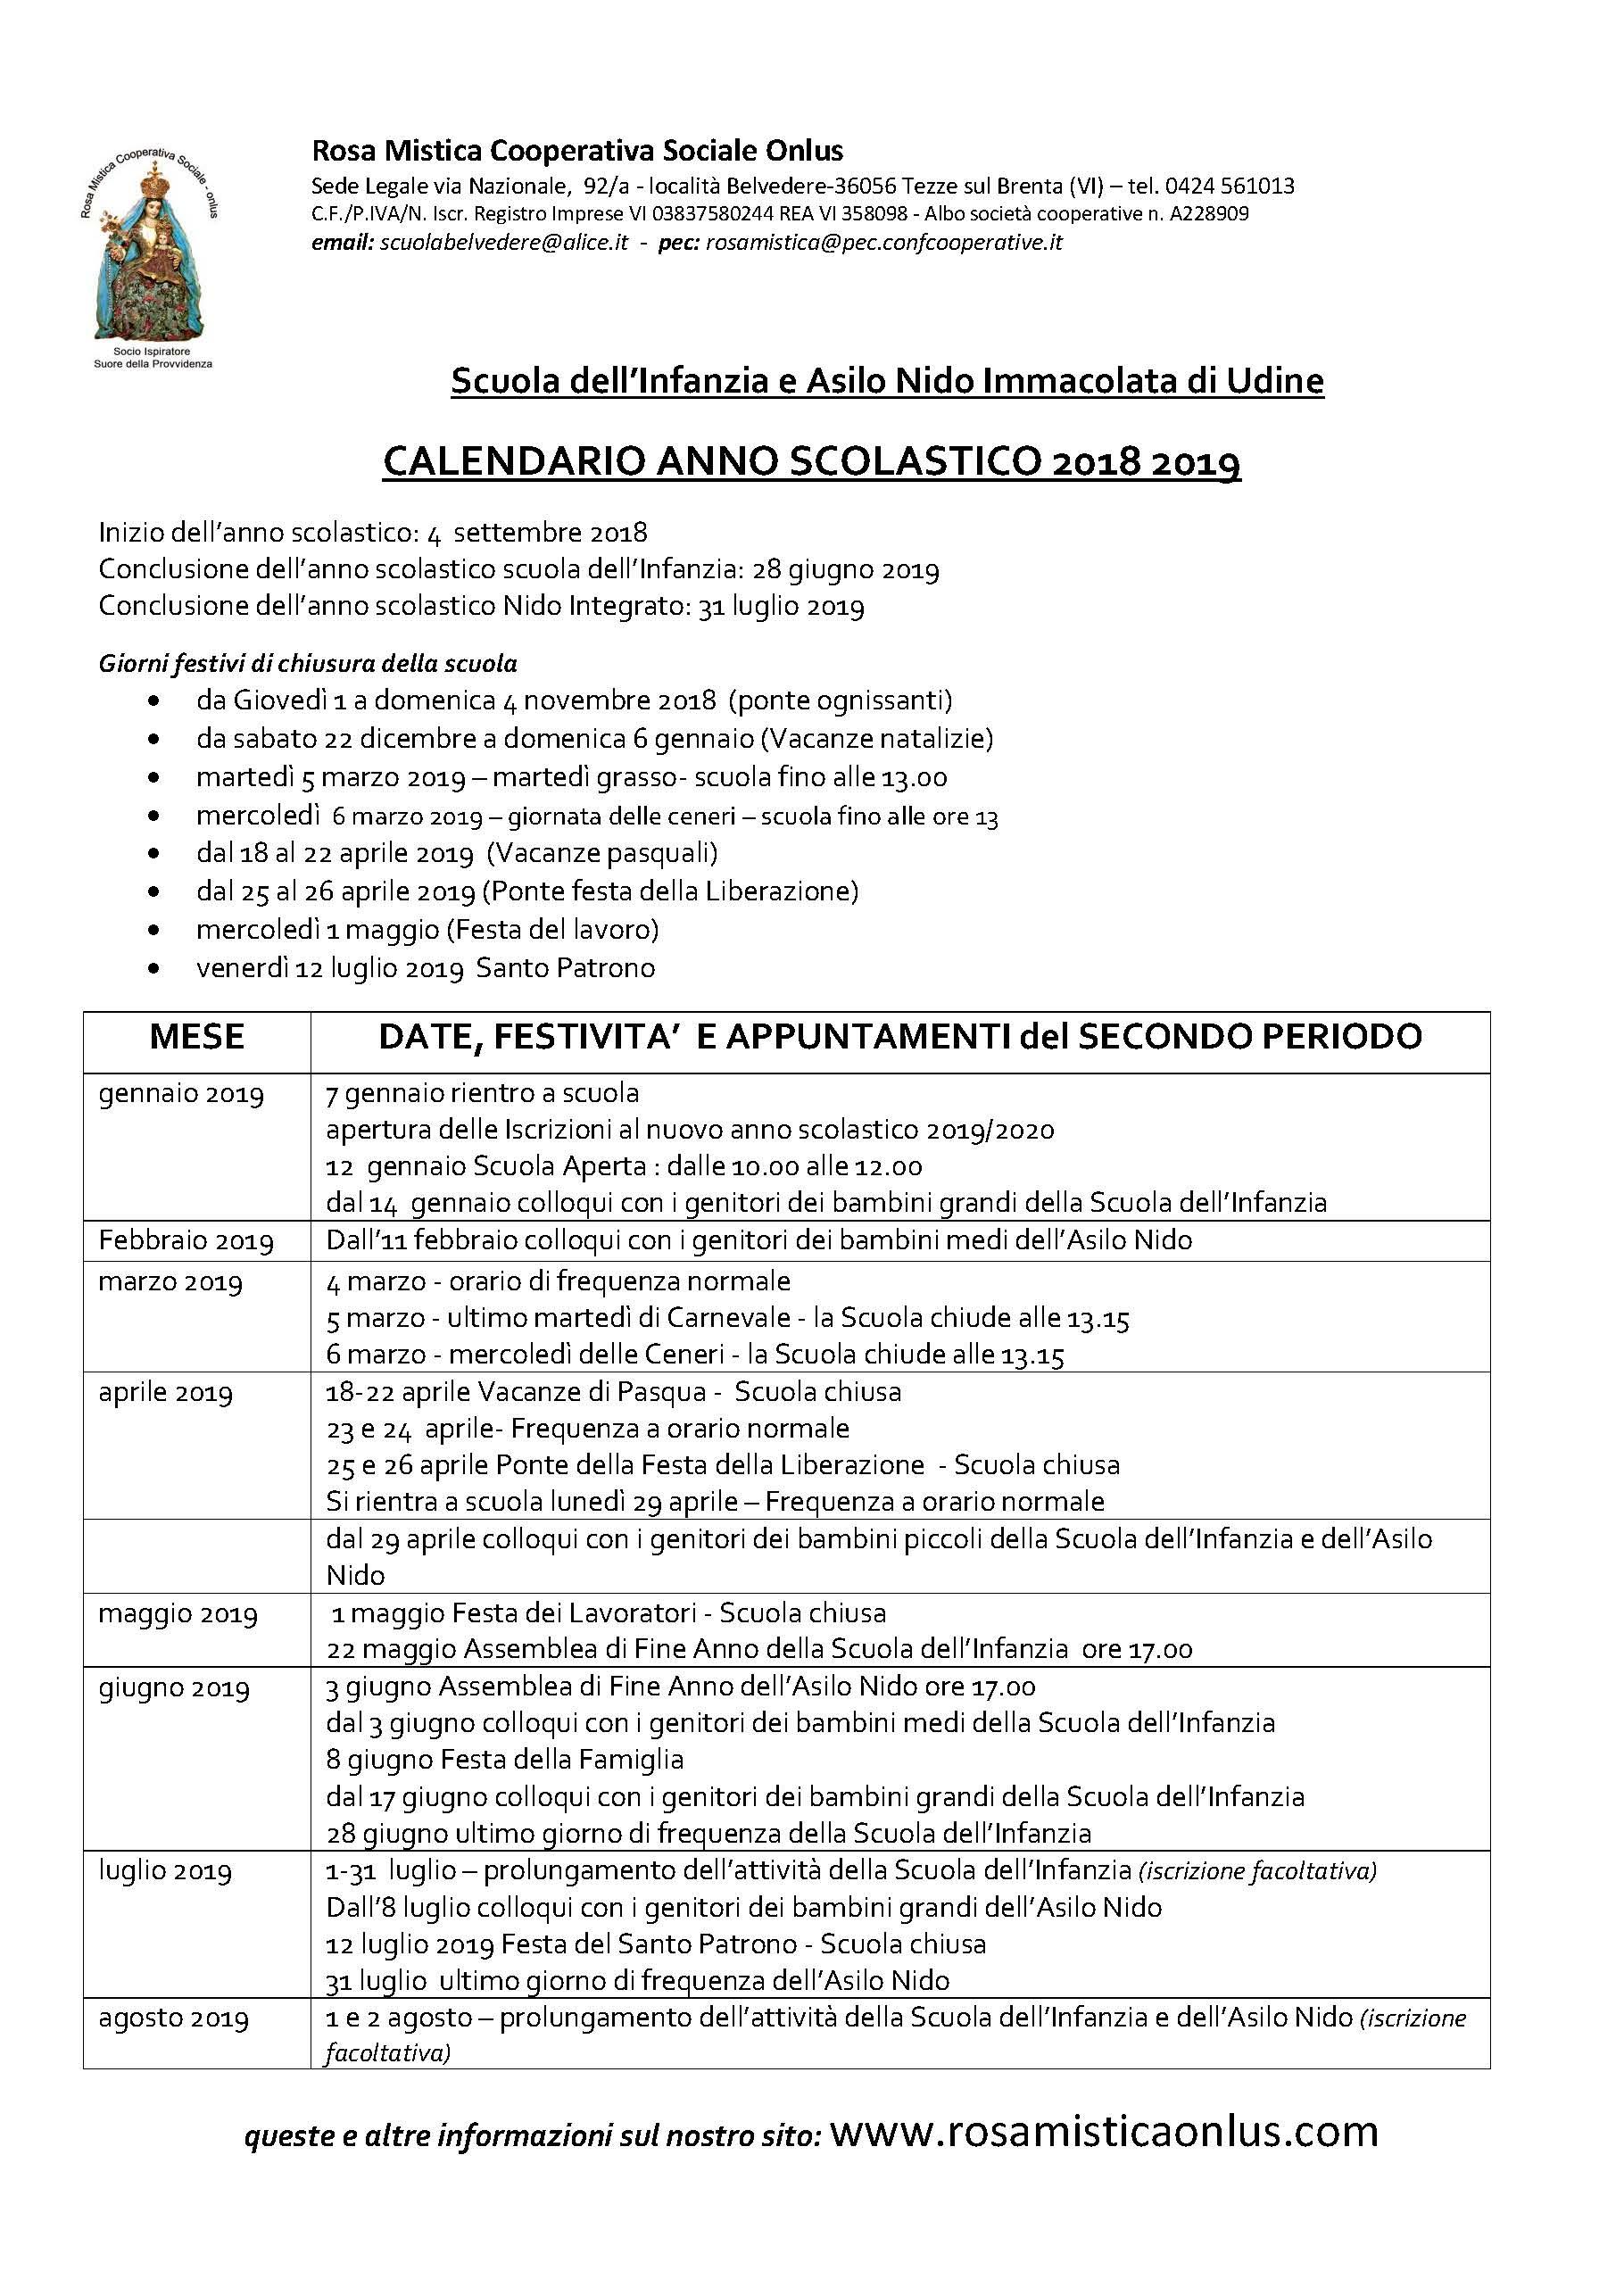 Calendario Giugno Luglio Agosto 2019.Udine Calendario Anno Scolastico 2018 2019 Seconda Parte